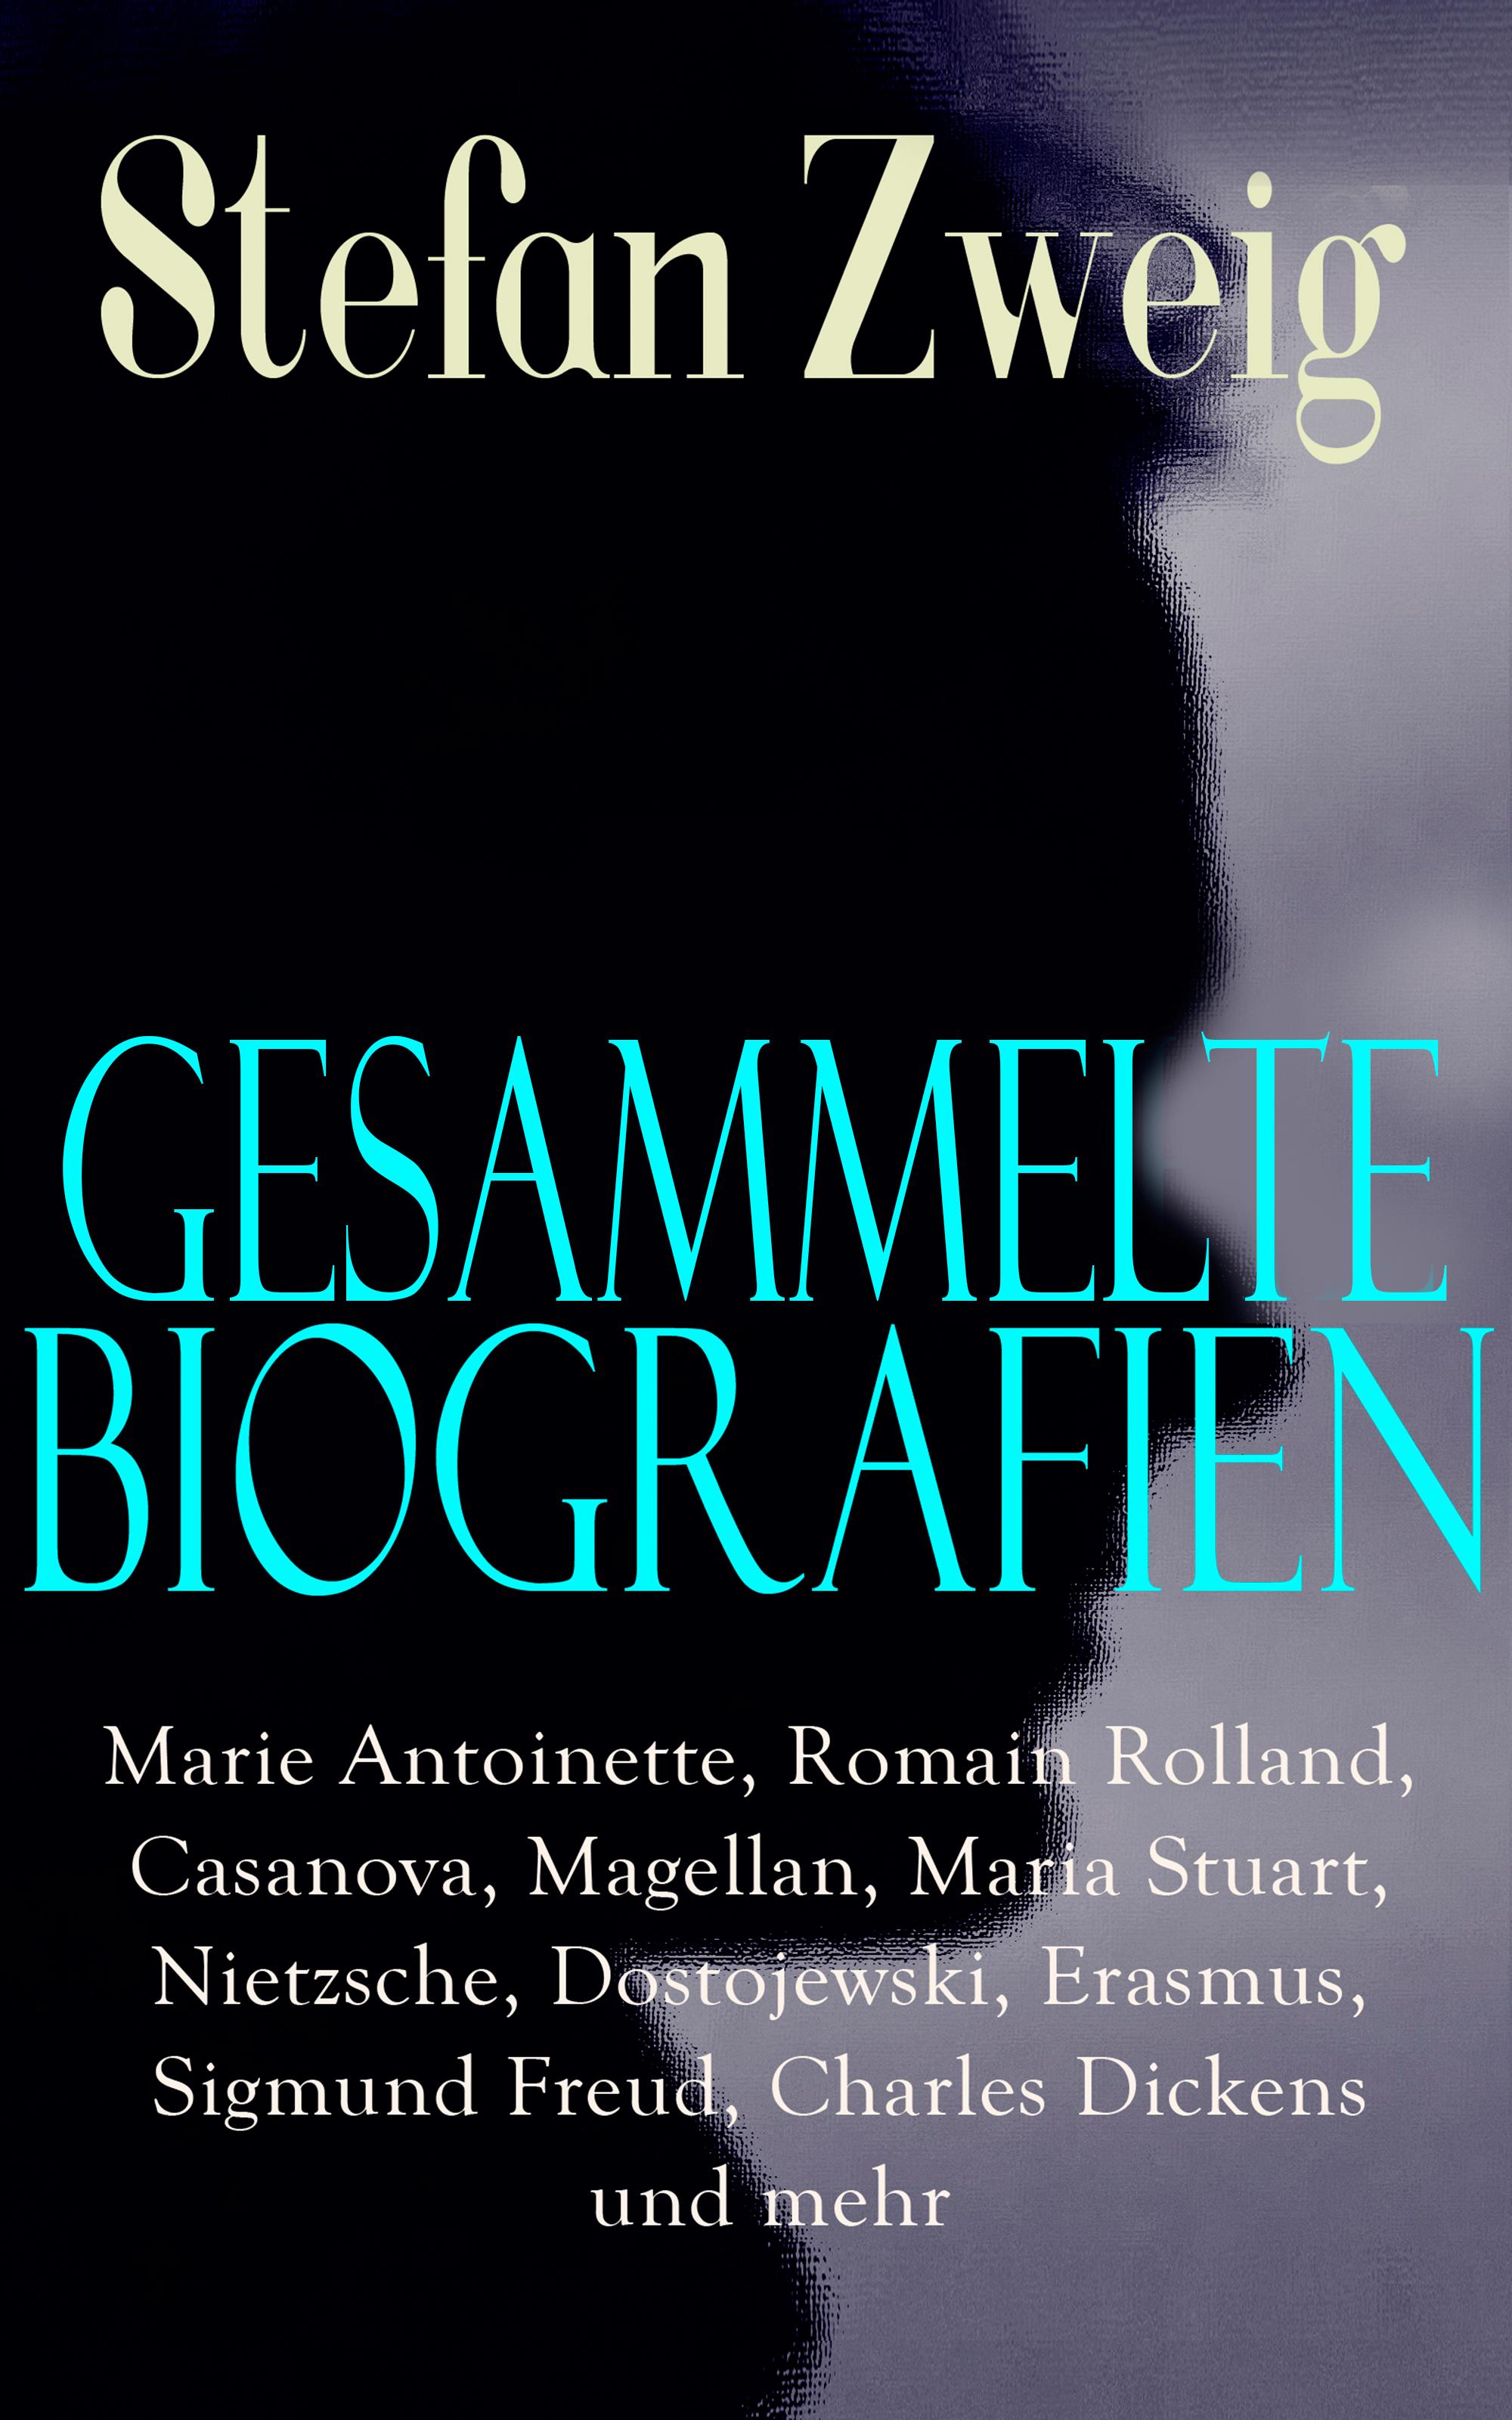 gesammelte biografien marie antoinette romain rolland casanova magellan maria stuart nietzsche dostojewski erasmus sigmund freud charles dickens und m